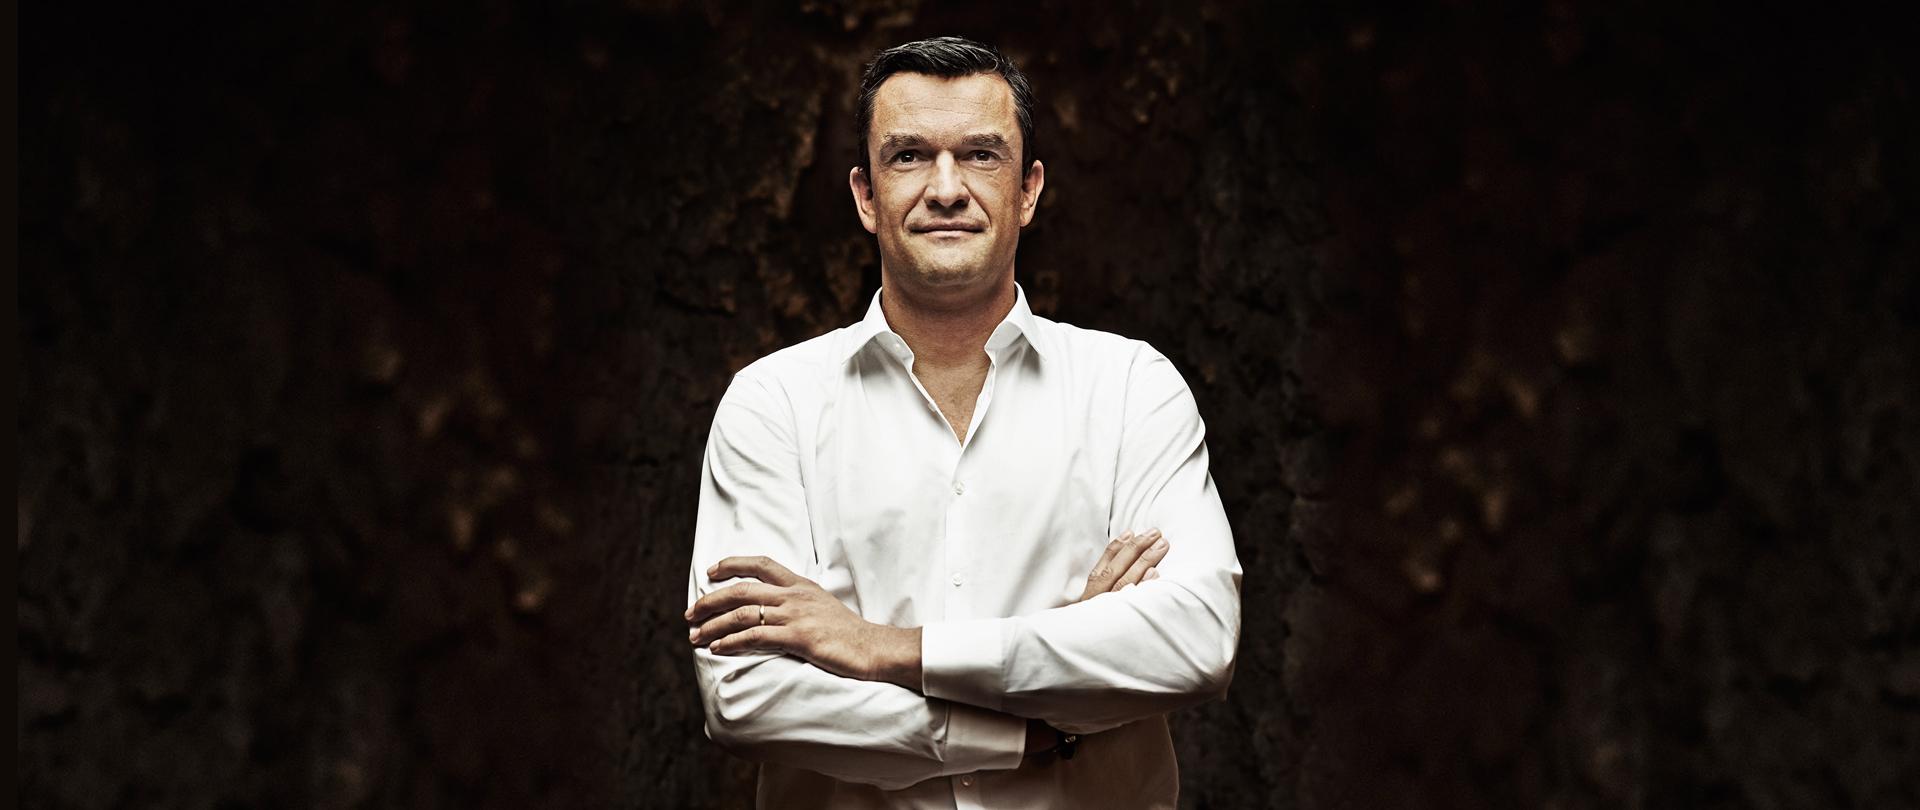 Martin Poš, globální CEO Goodbaby International